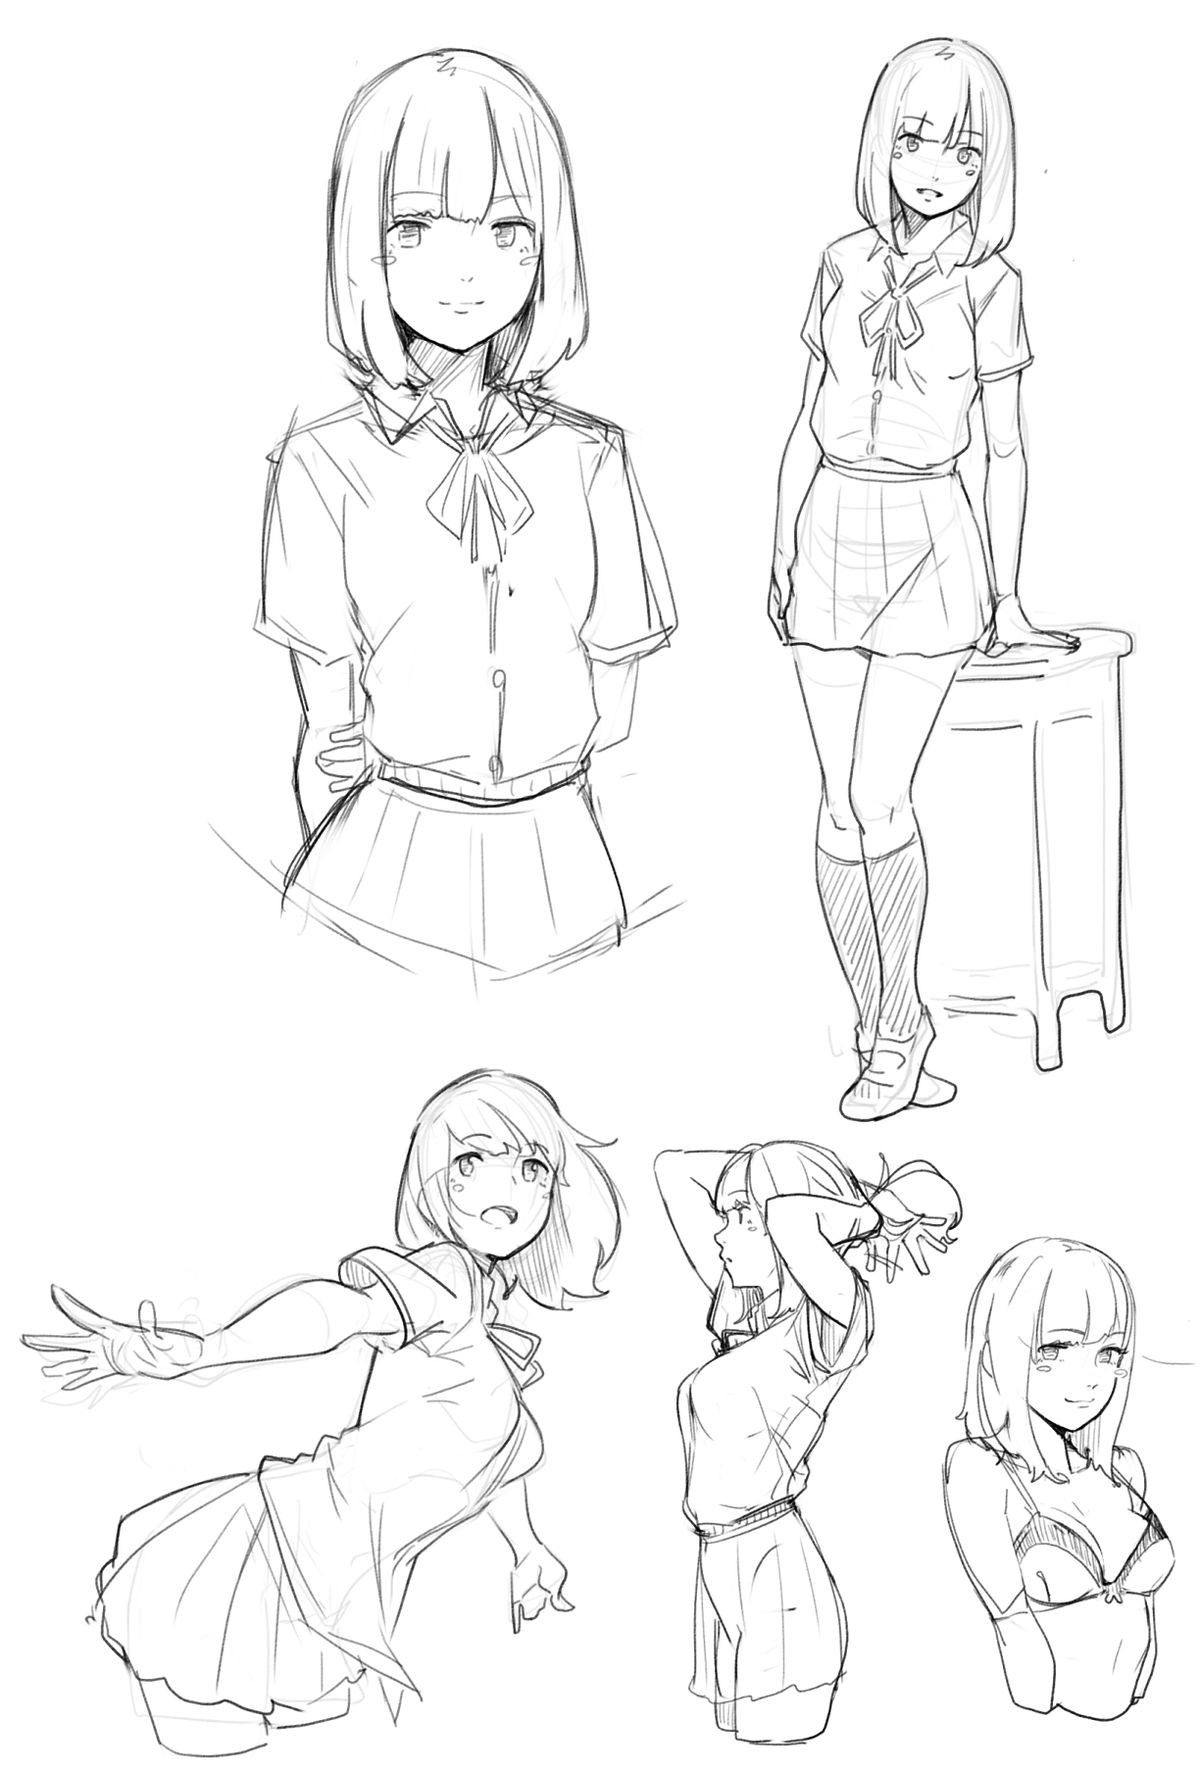 Pin Oleh Otaba Di 3d Girl Cara Menggambar Referensi Gambar Sketsa